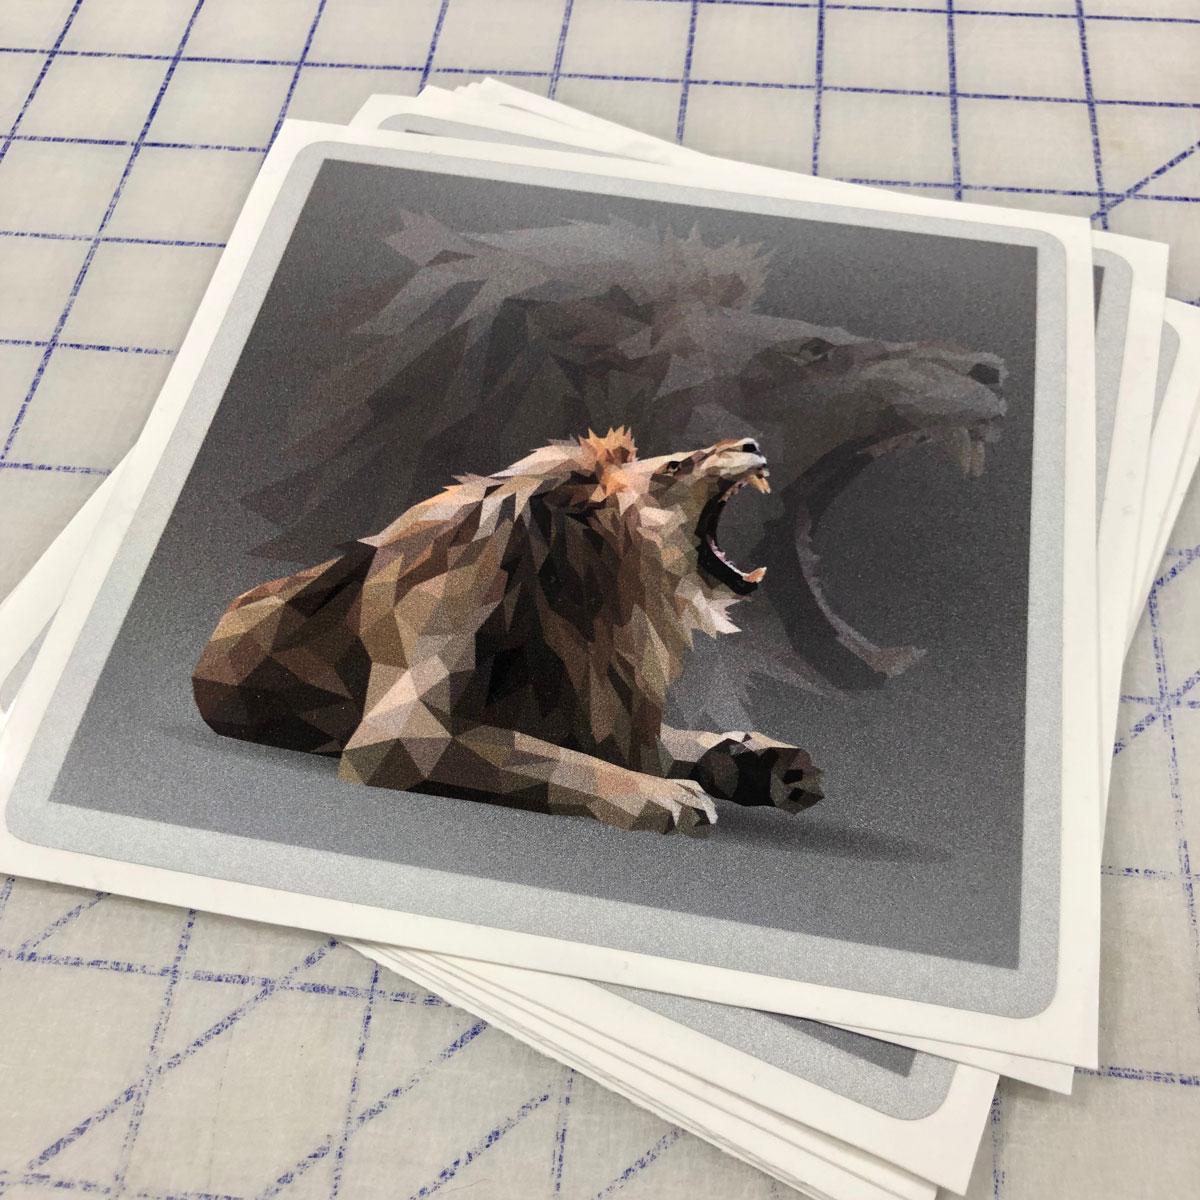 reflective-3M-lion